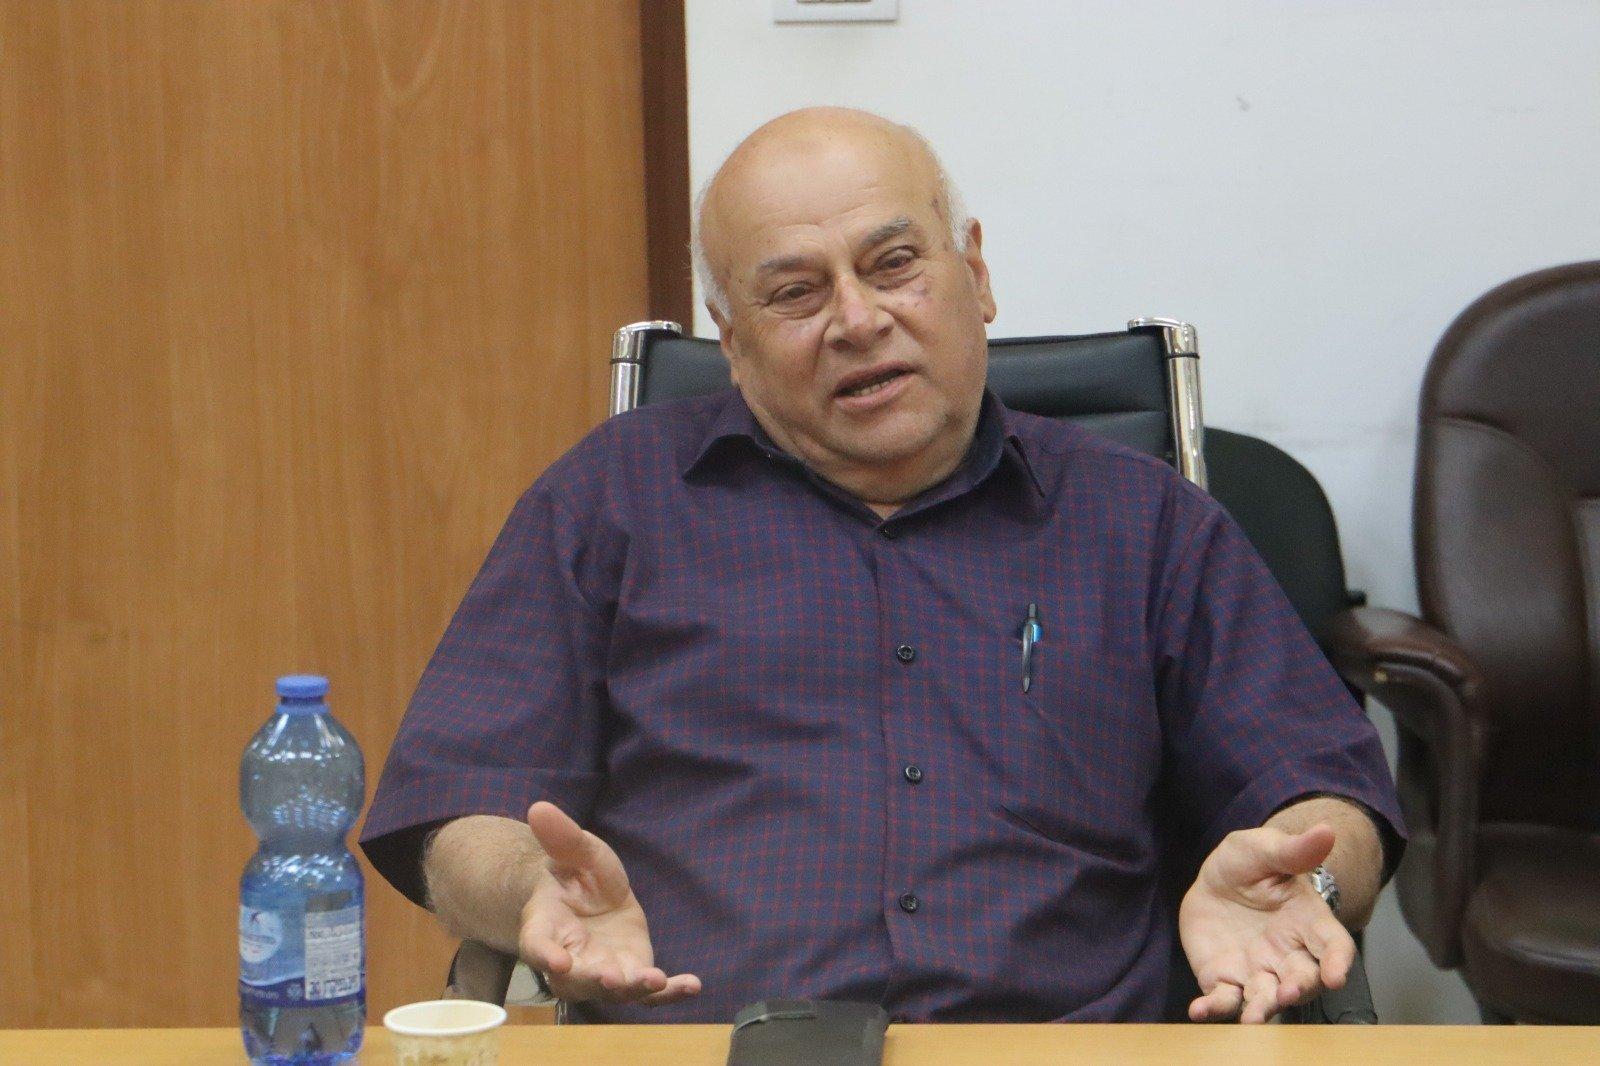 وفد وإدانة حادثة العنف التي تعرض لها رئيس باقة الغربية-4